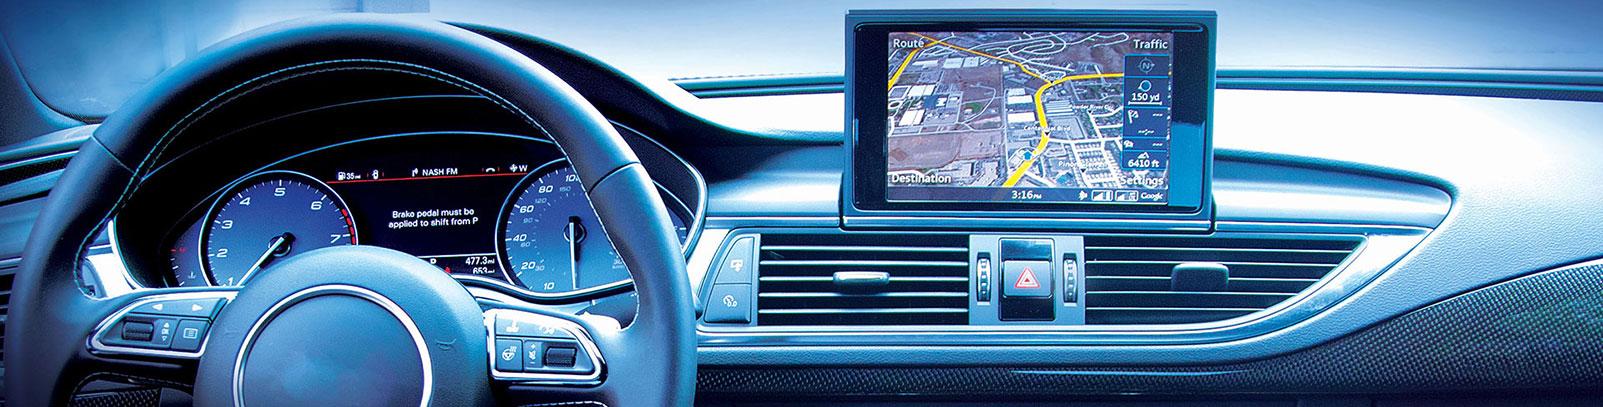 Автомобільні Gps навігатори на WinCE або Андроїд, які працюють без інтернету